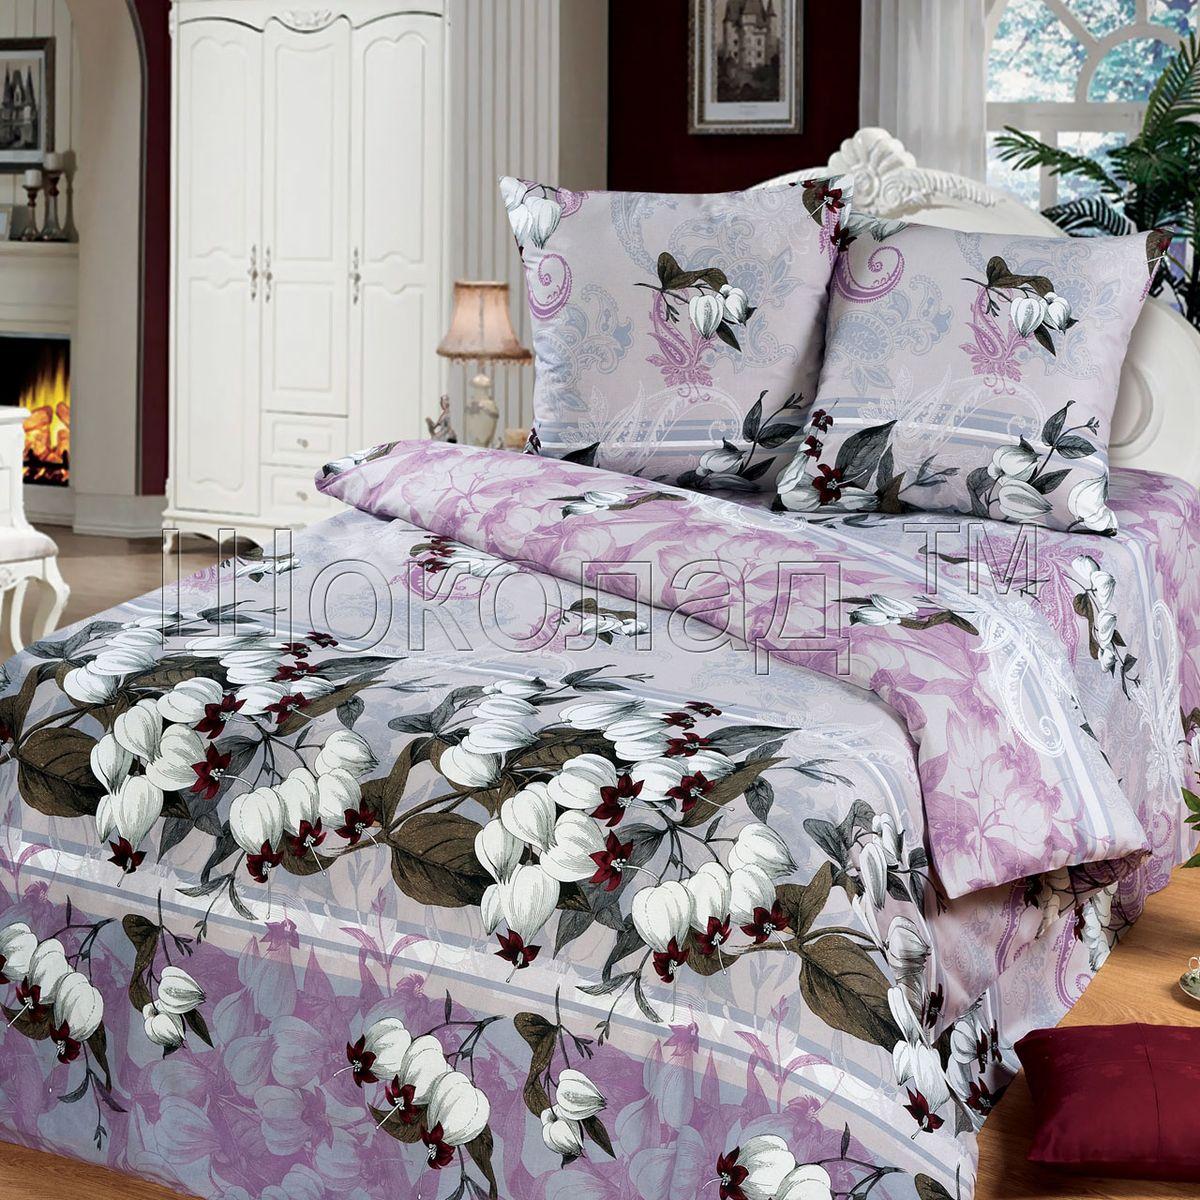 Комплект белья Шоколад Анита, евро, наволочки 70x70. Б114391602Комплект постельного белья Шоколад Анита является экологически безопасным для всей семьи, так как выполнен из натурального хлопка. Комплект состоит из пододеяльника, простыни и двух наволочек. Постельное белье оформлено оригинальным рисунком и имеет изысканный внешний вид.Бязь - это ткань полотняного переплетения, изготовленная из экологически чистого и натурального 100% хлопка. Она прочная, мягкая, обладает низкой сминаемостью, легко стирается и хорошо гладится. Бязь прекрасно пропускает воздух и за ней легко ухаживать. При соблюдении рекомендуемых условий стирки, сушки и глажения ткань имеет усадку по ГОСТу, сохранятся яркость текстильных рисунков. Приобретая комплект постельного белья Шоколад Анита, вы можете быть уверены в том, что покупка доставит вам и вашим близким удовольствие и подарит максимальный комфорт.